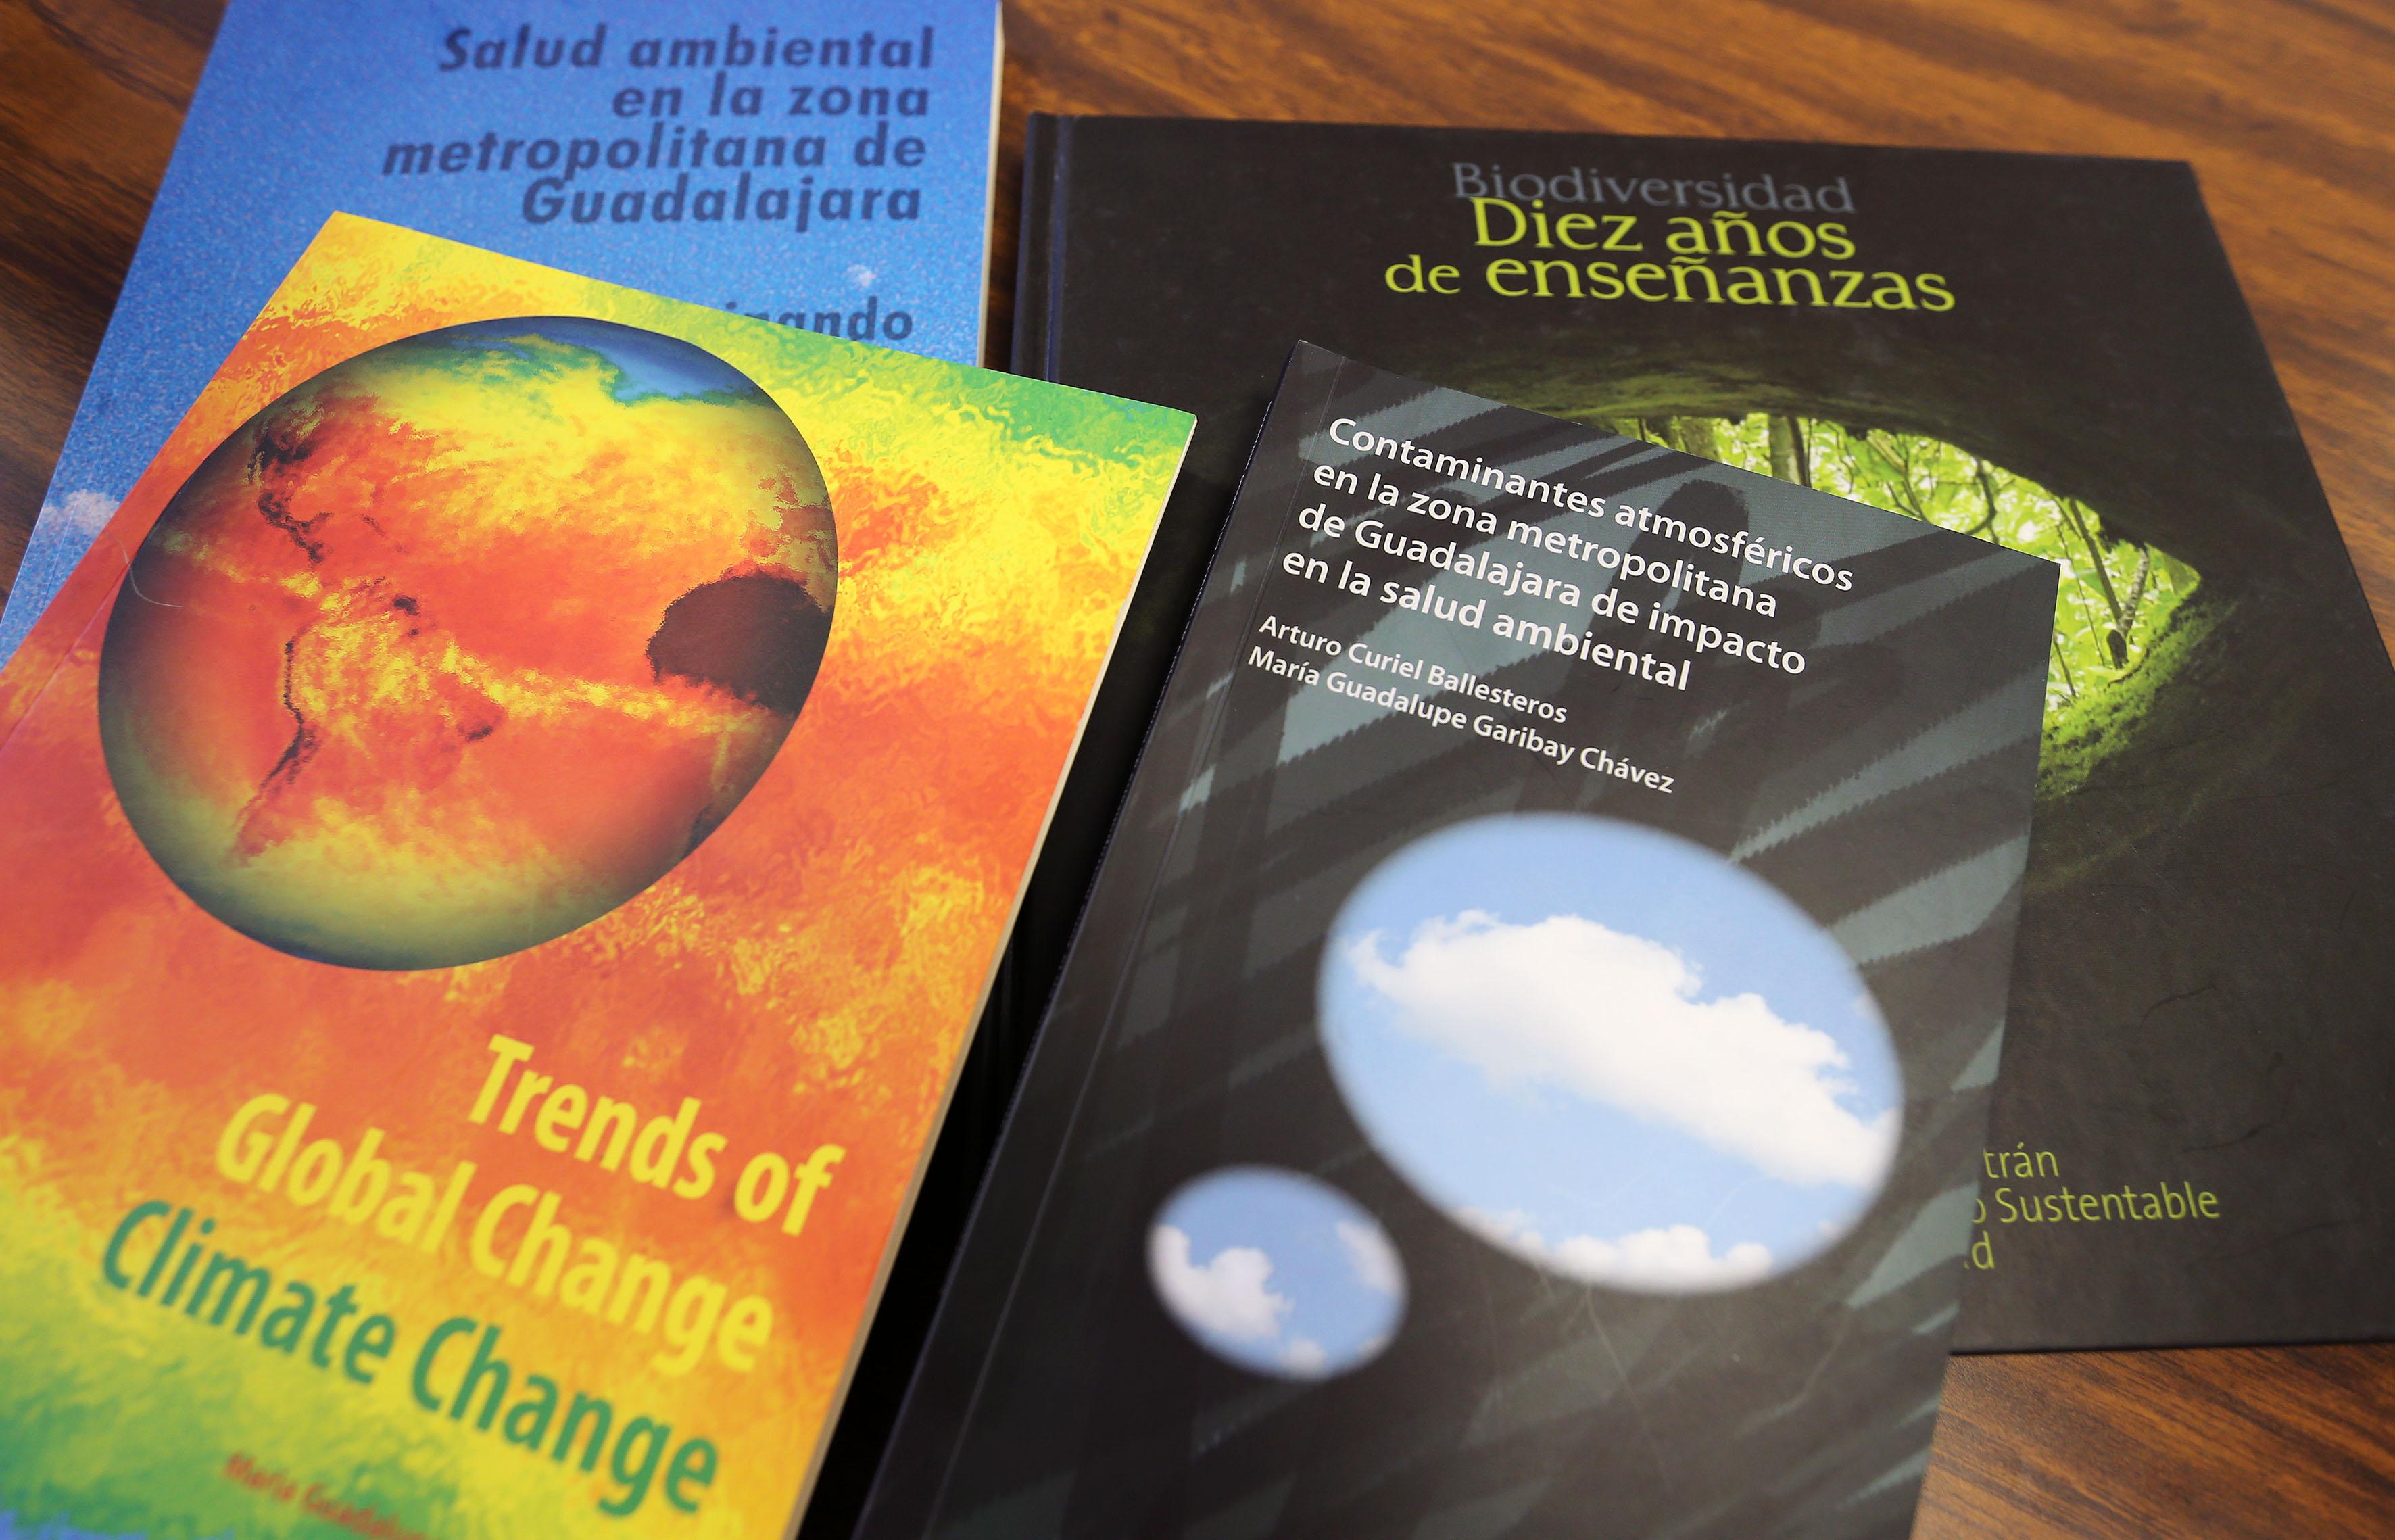 Diversas publicaciones sobre salud ambiental